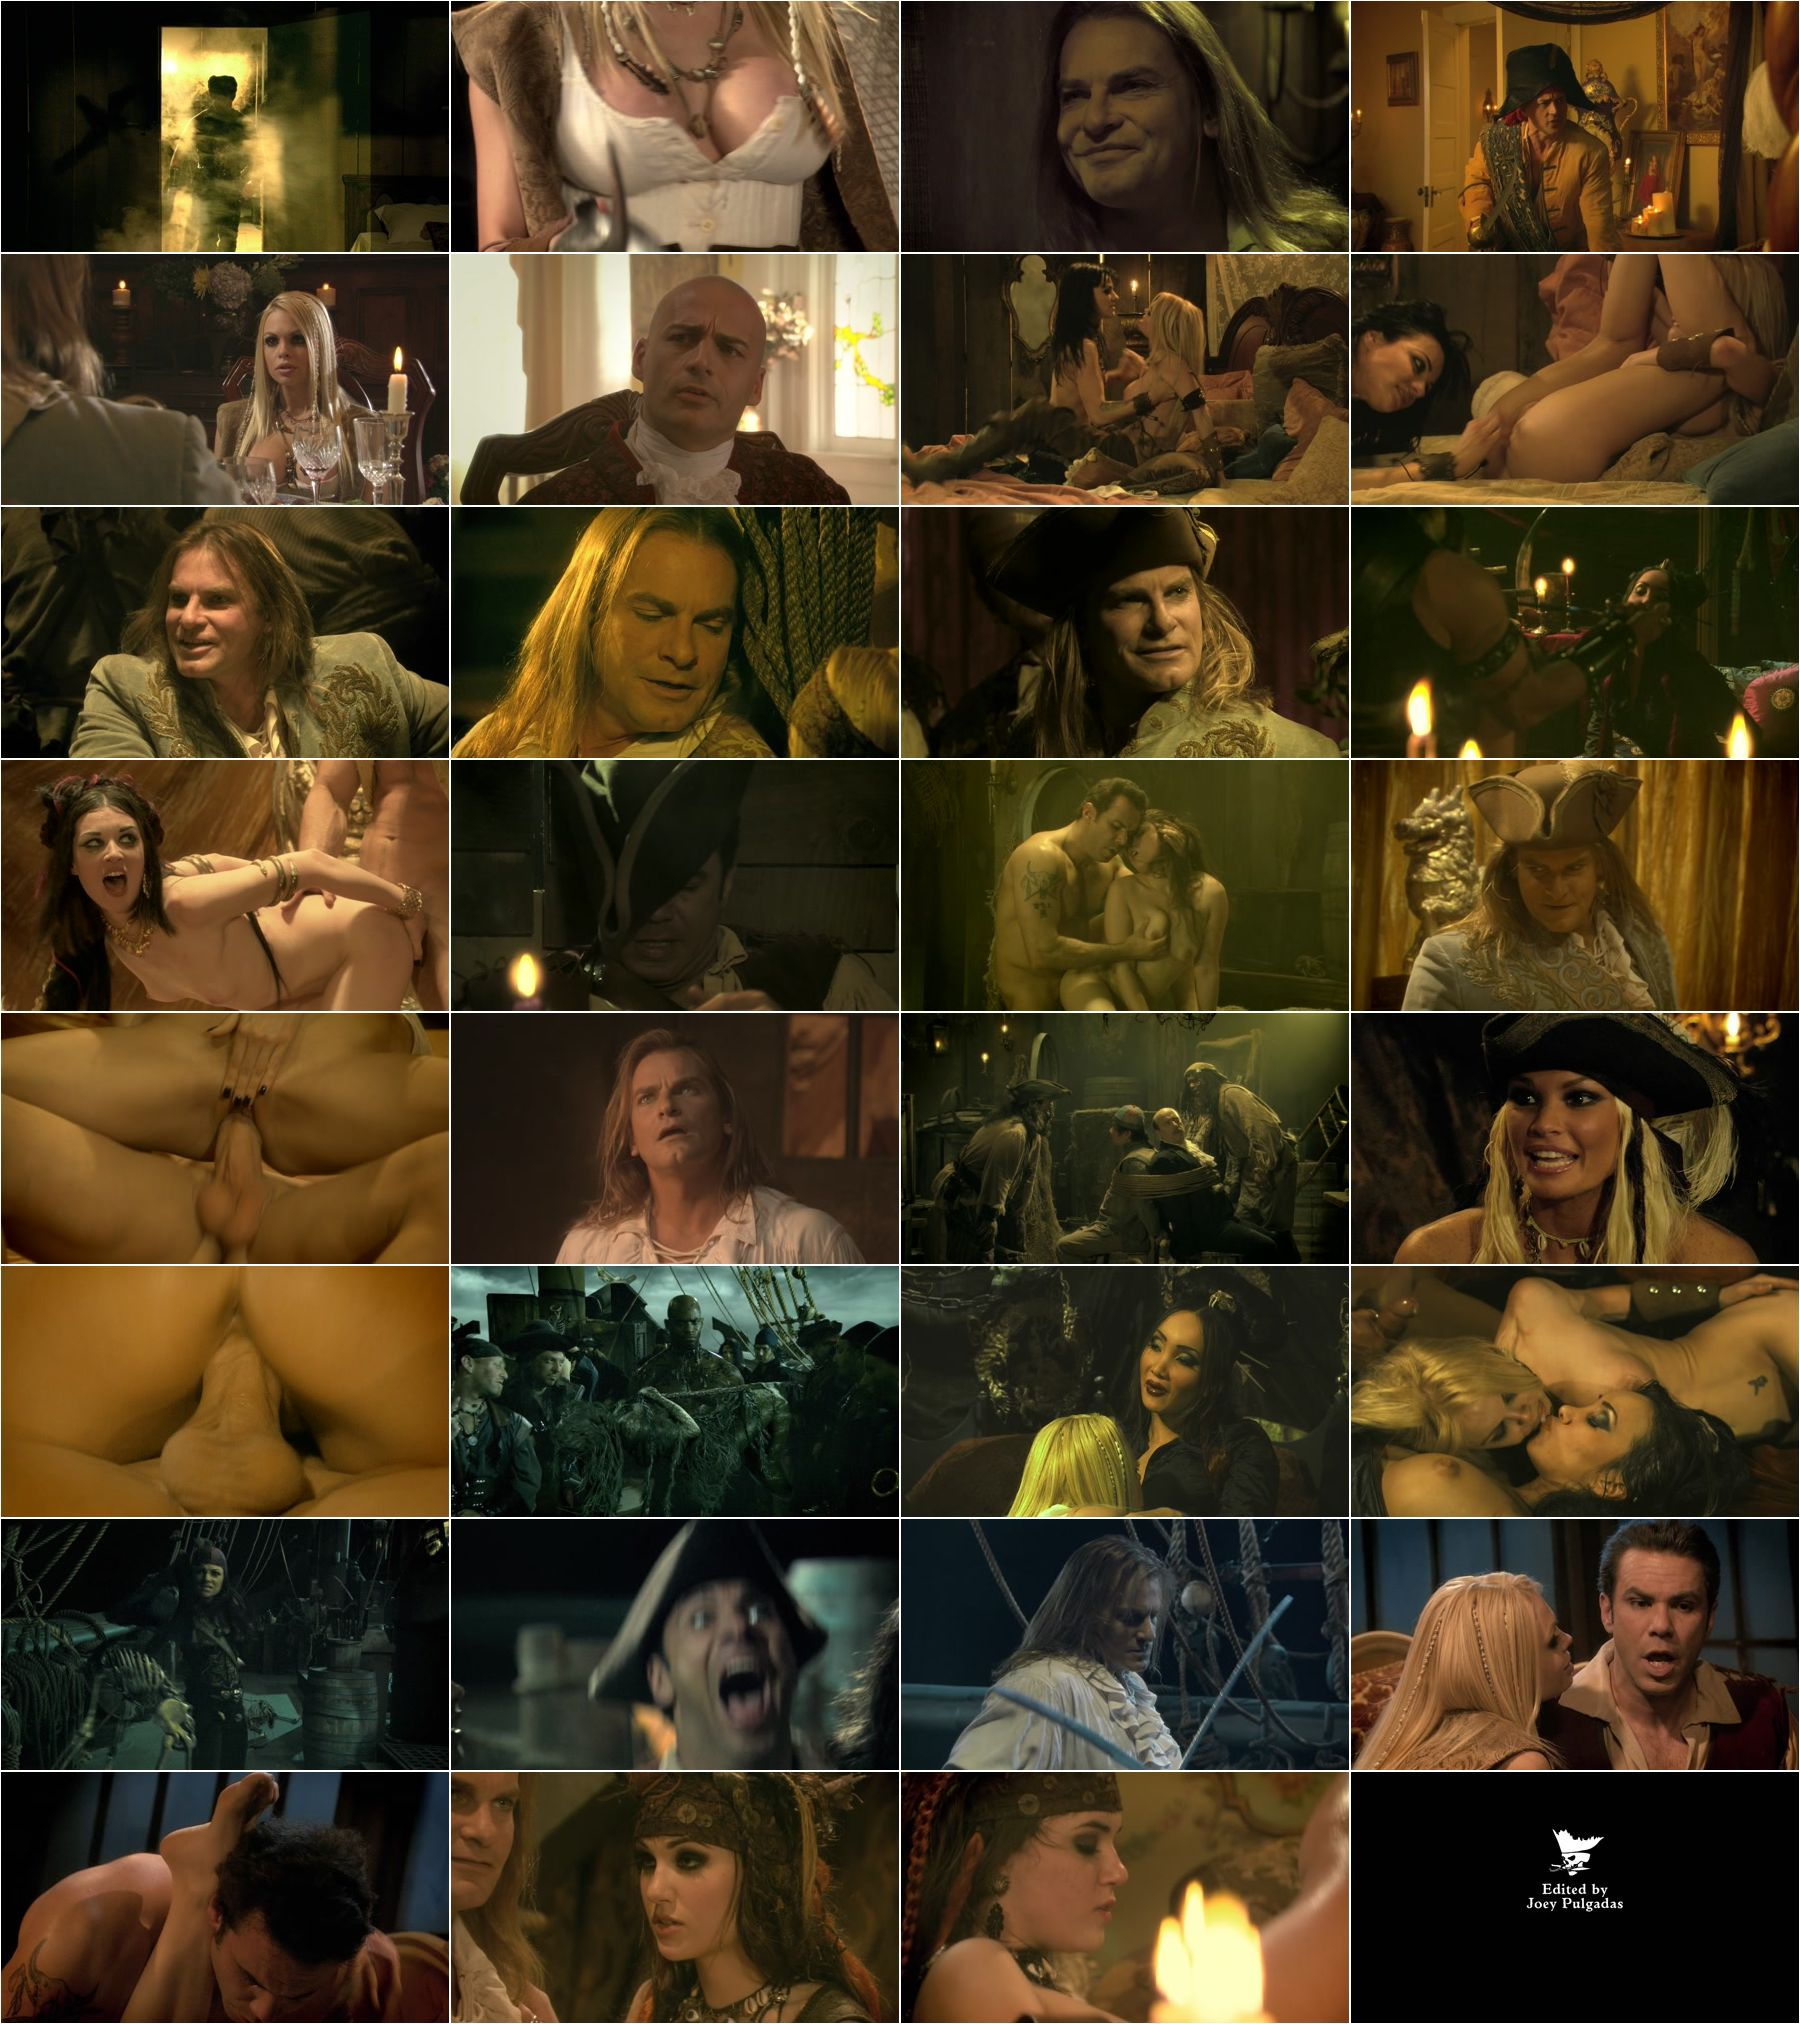 skachat-porno-pirati-2